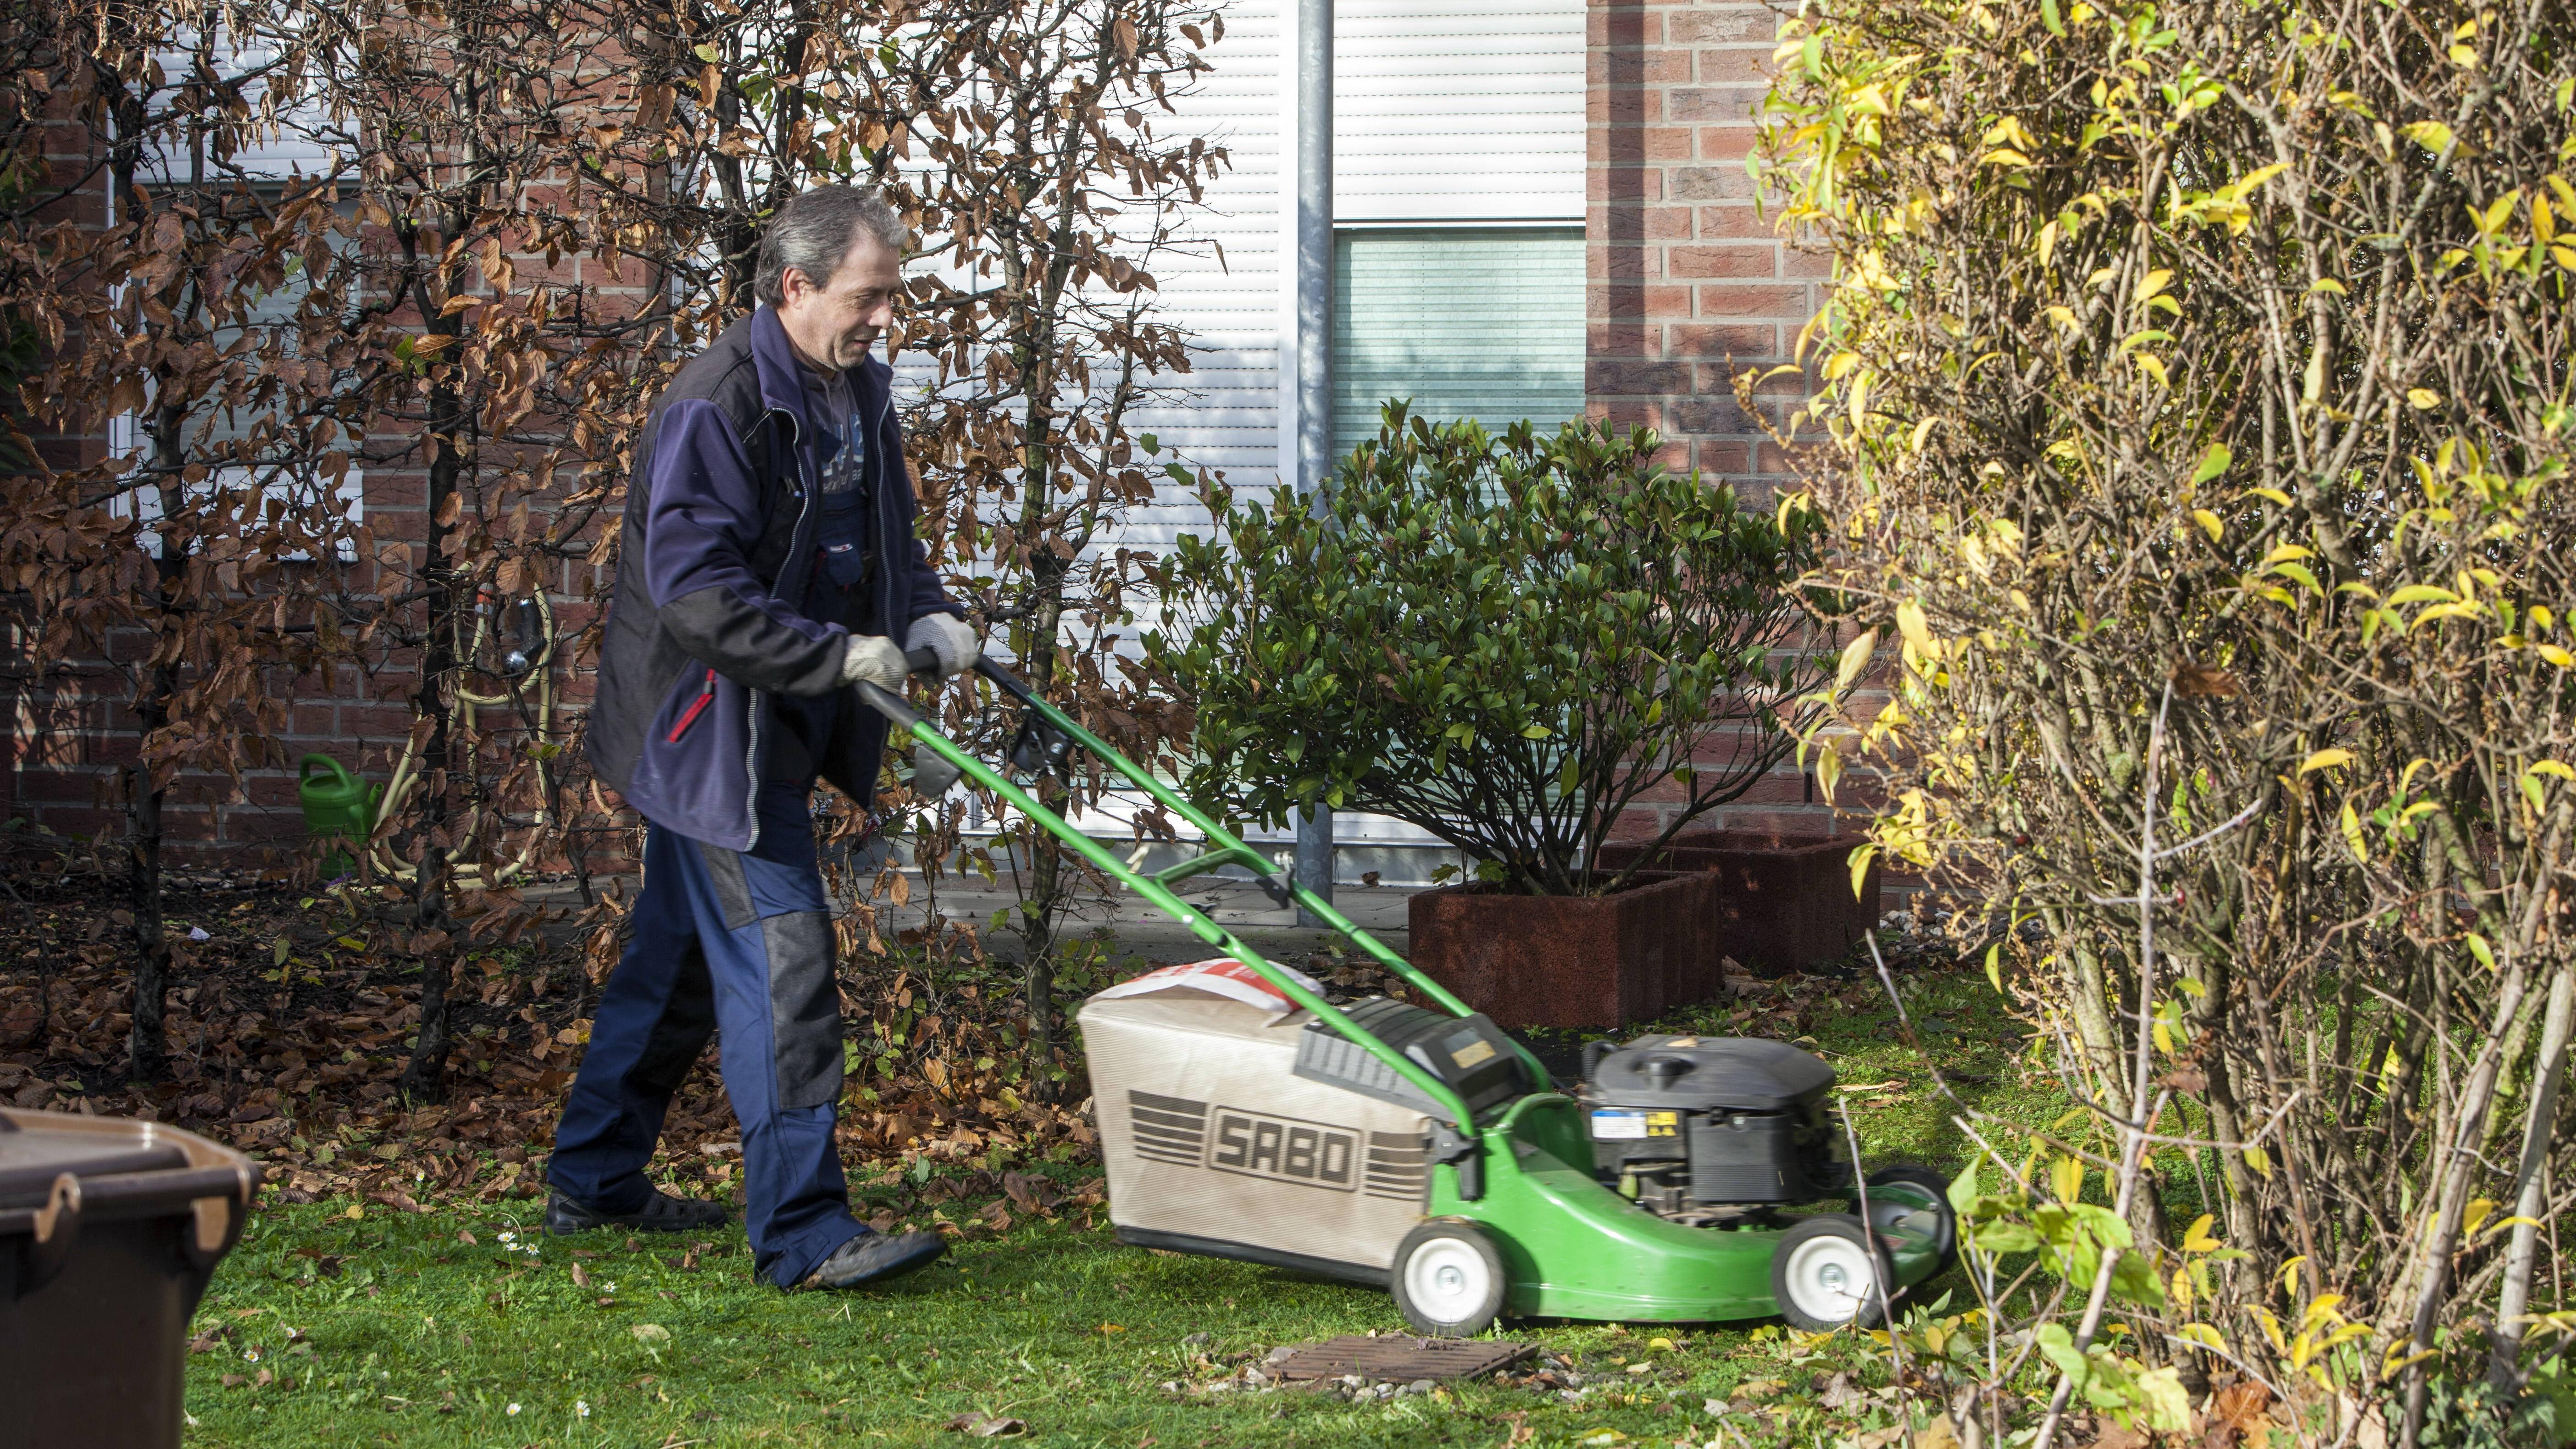 Die Aufgaben eines Hausmeisters sind vielfältig und können variieren. Der Garten ist ein Einsatzbereich von ihm.